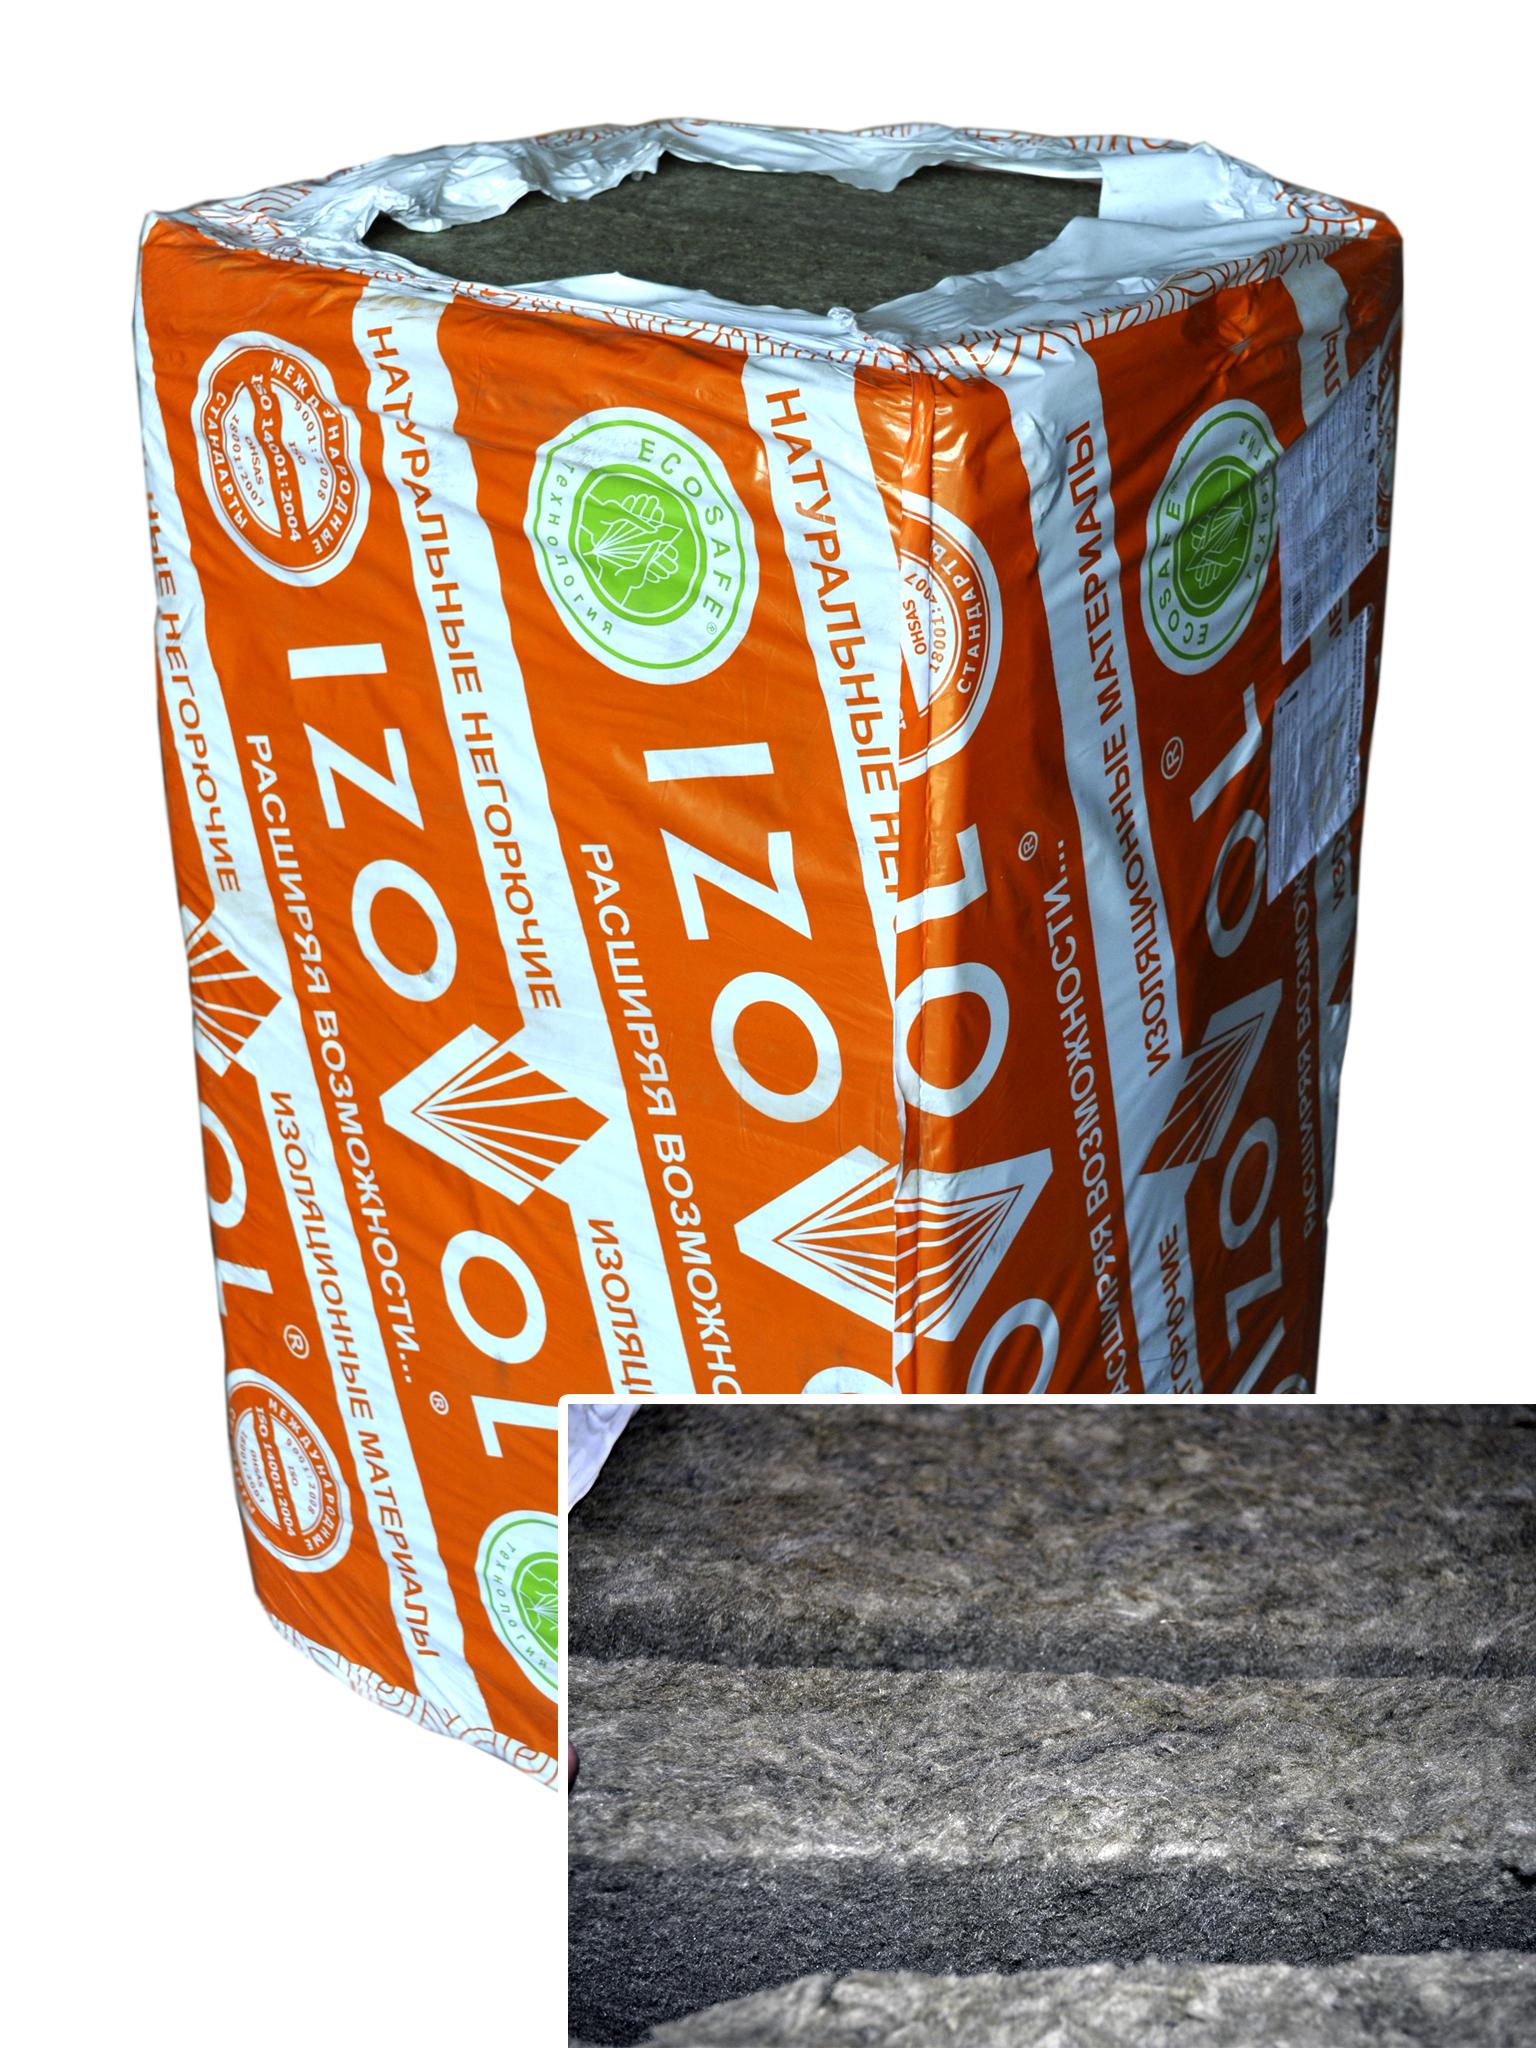 Строительный № 1 | Новошахтинск | IZOVOL(Изовол) - Утеплитель IZOVOL (Изовол) Л-35 1000х600х50 6 м2 0,3 м3 10 шт.  Утеплитель IZOVOL (Изовол) - высококачественные негорючие гидрофобизированные минераловатные плиты на основе базальтовых горных пород предназначены для использования в качестве энергосберегающ